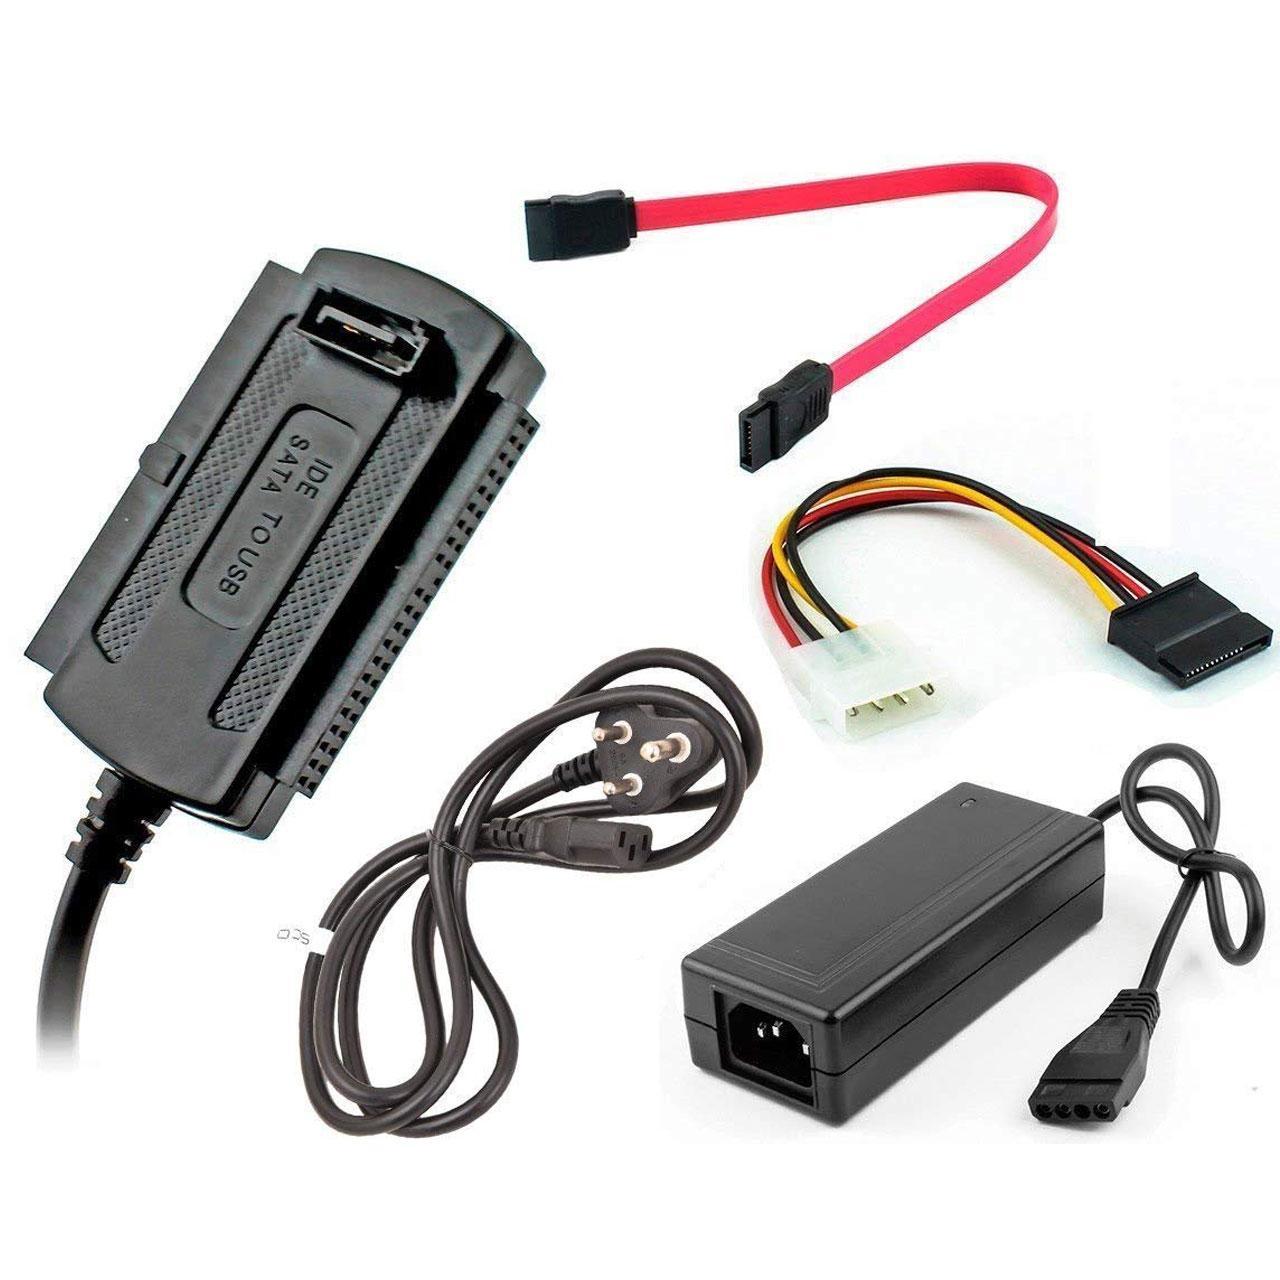 تبدیل USB به SATA و IDE به همراه آداپتور